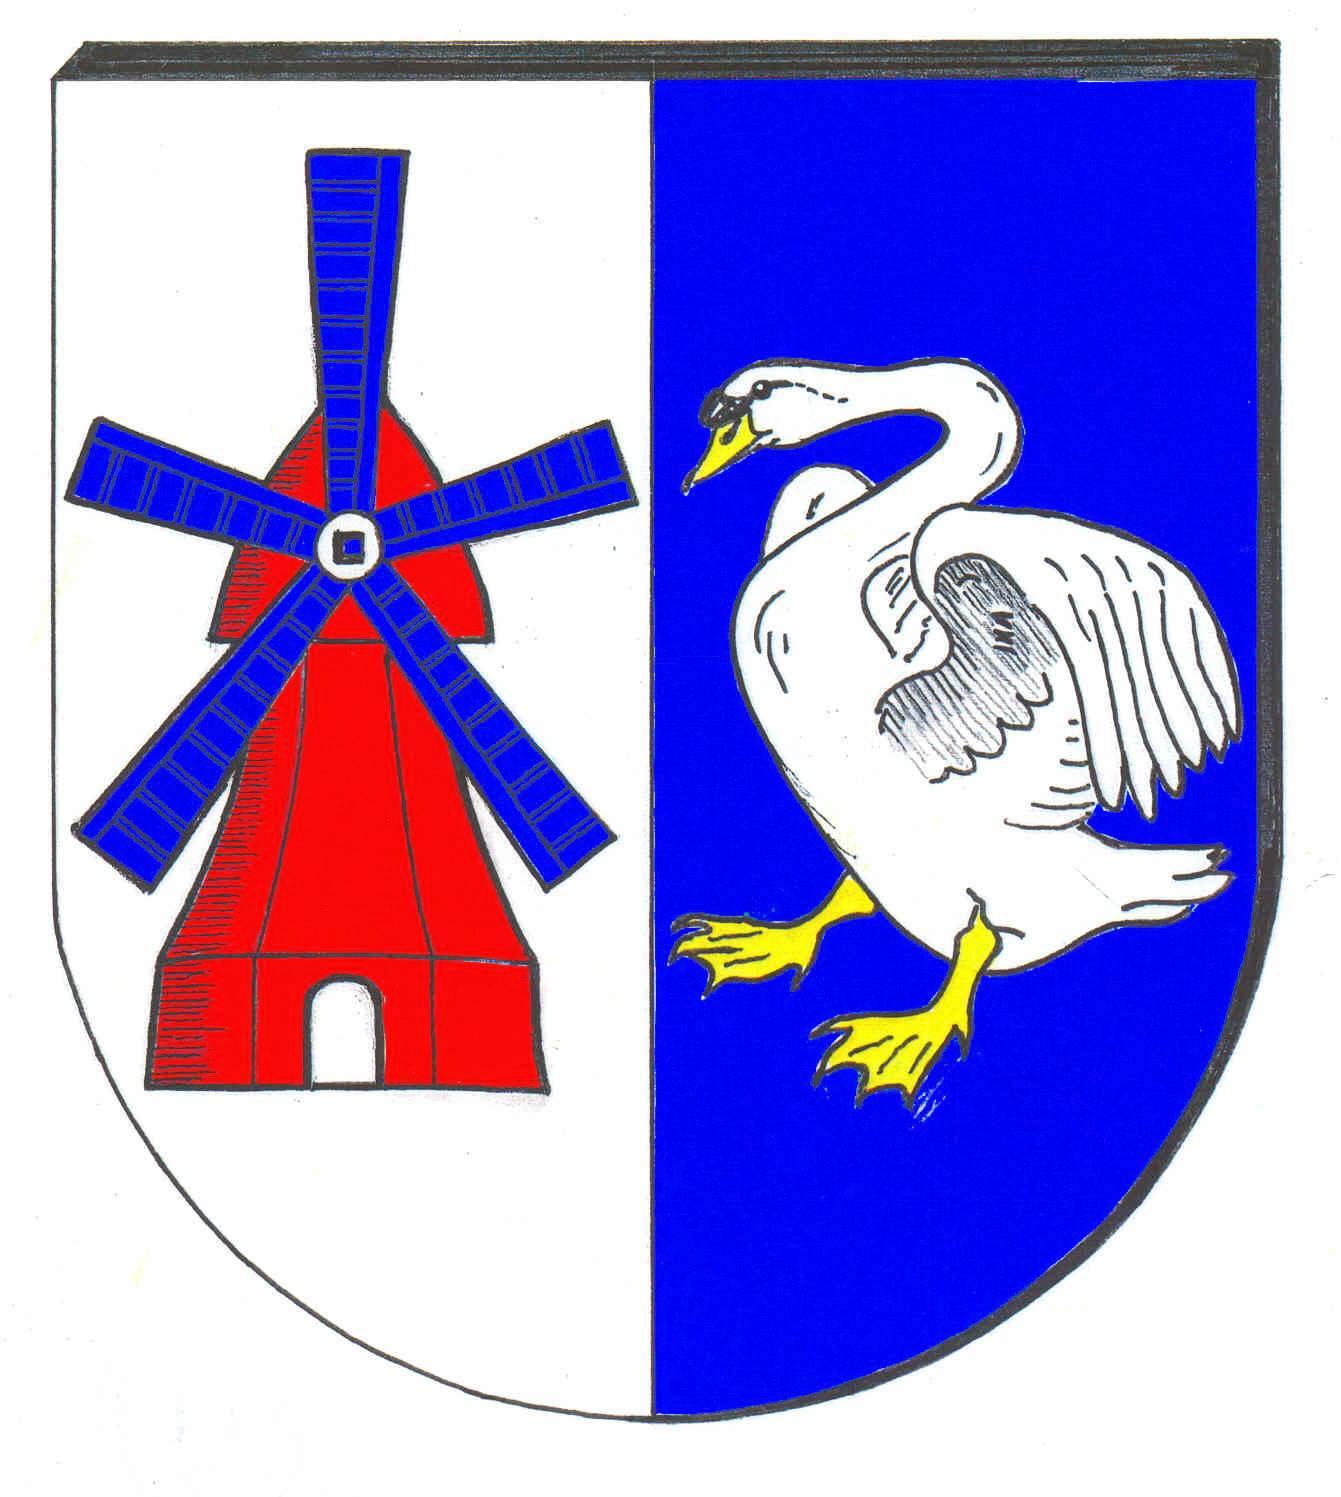 Wappen GemeindeLabenz, Kreis Herzogtum Lauenburg